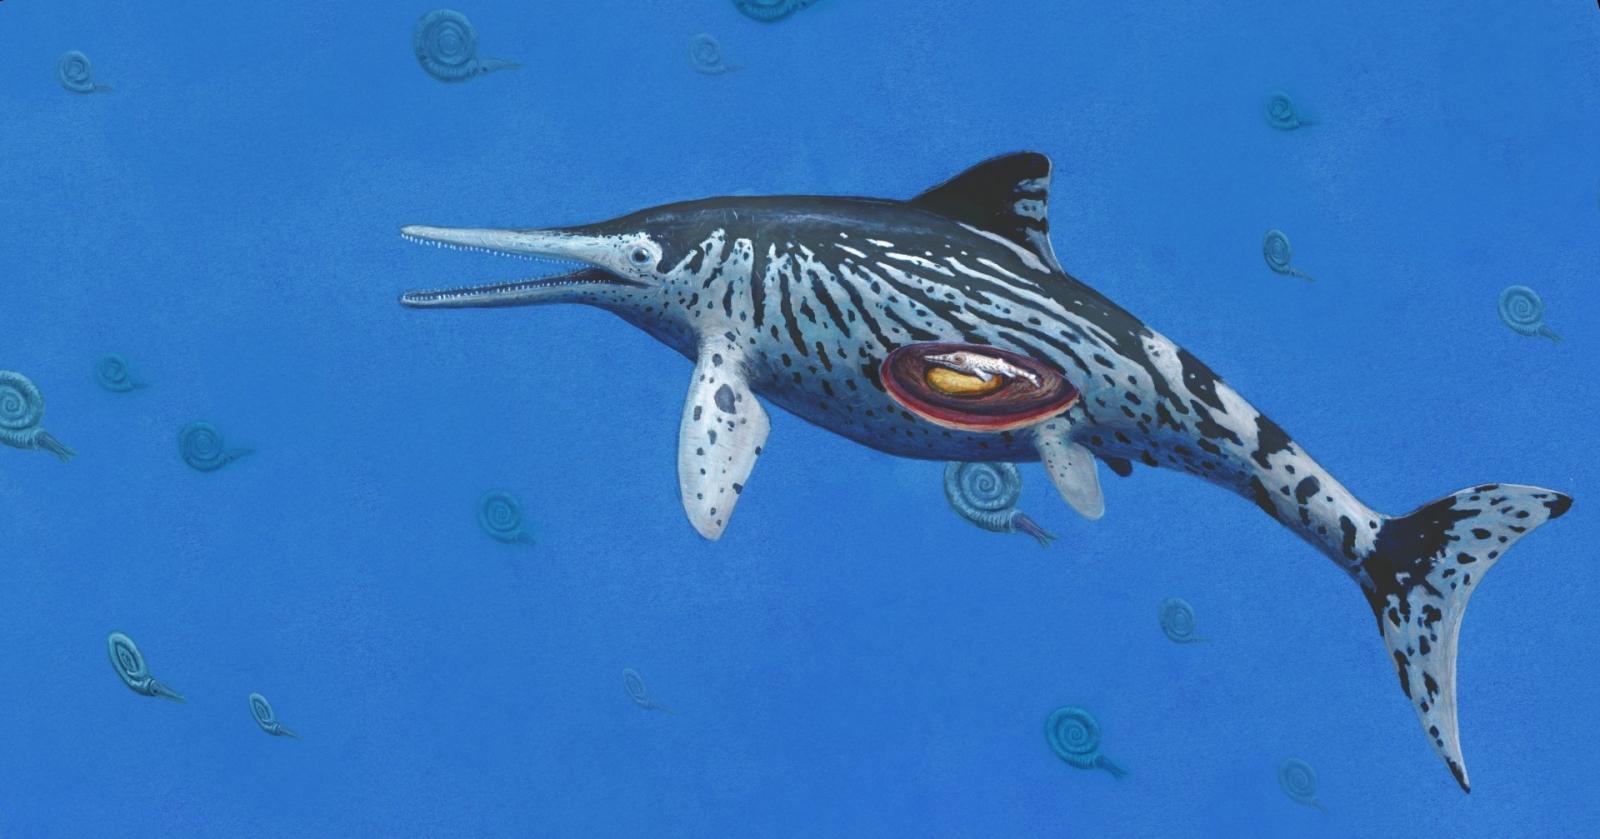 Ichthyosaurus sea dragon fossil